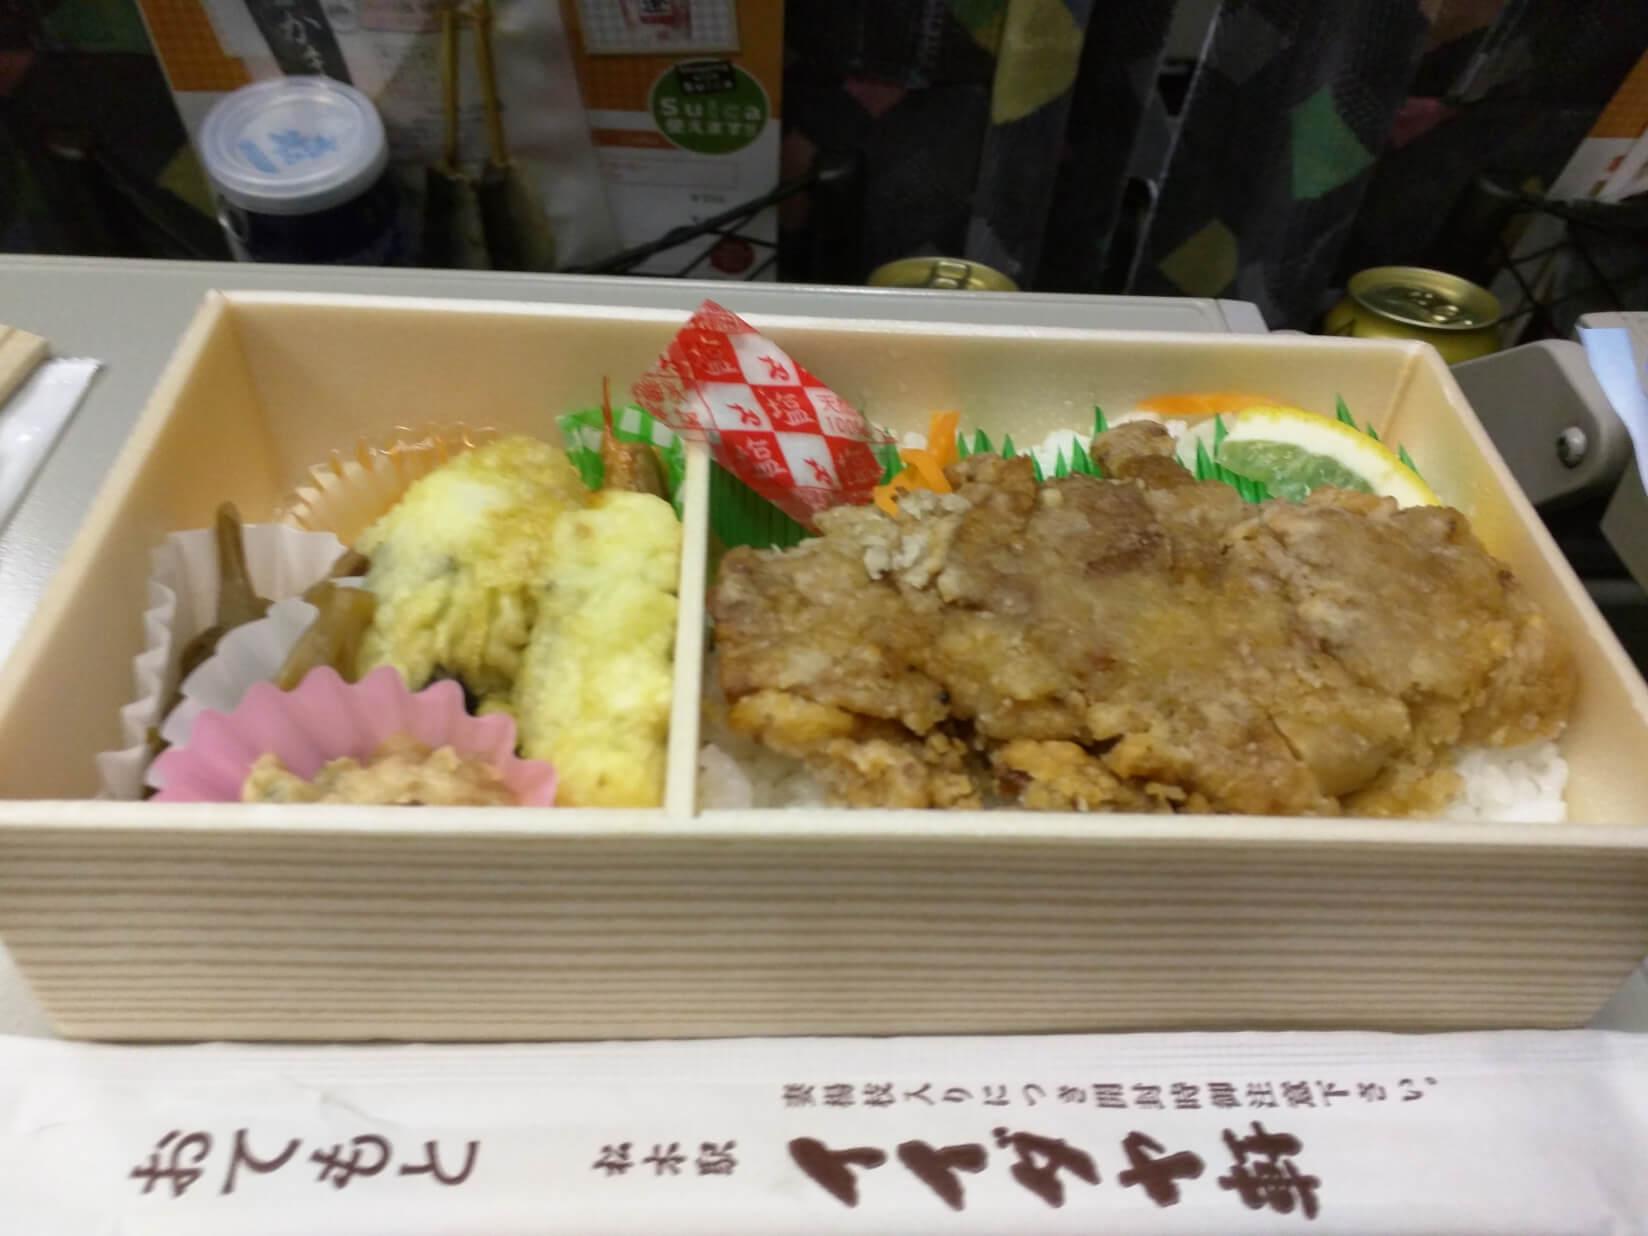 松本駅名物山賊焼弁当